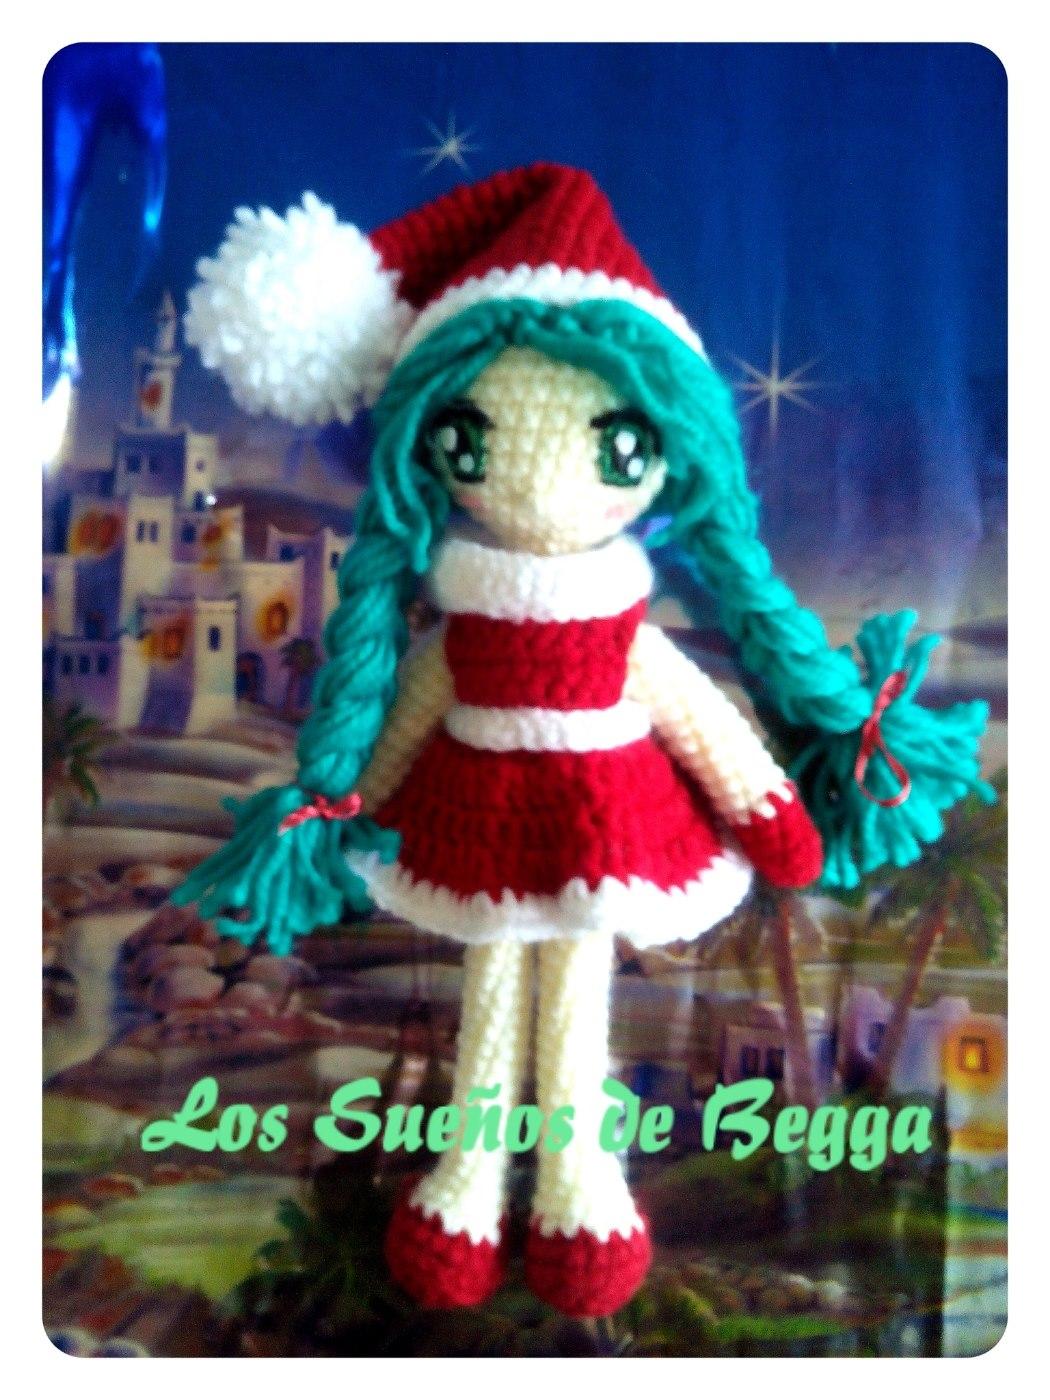 Amigurumis Navidad 2015 : Los sue�os de begga especial navidad i una elfa muy